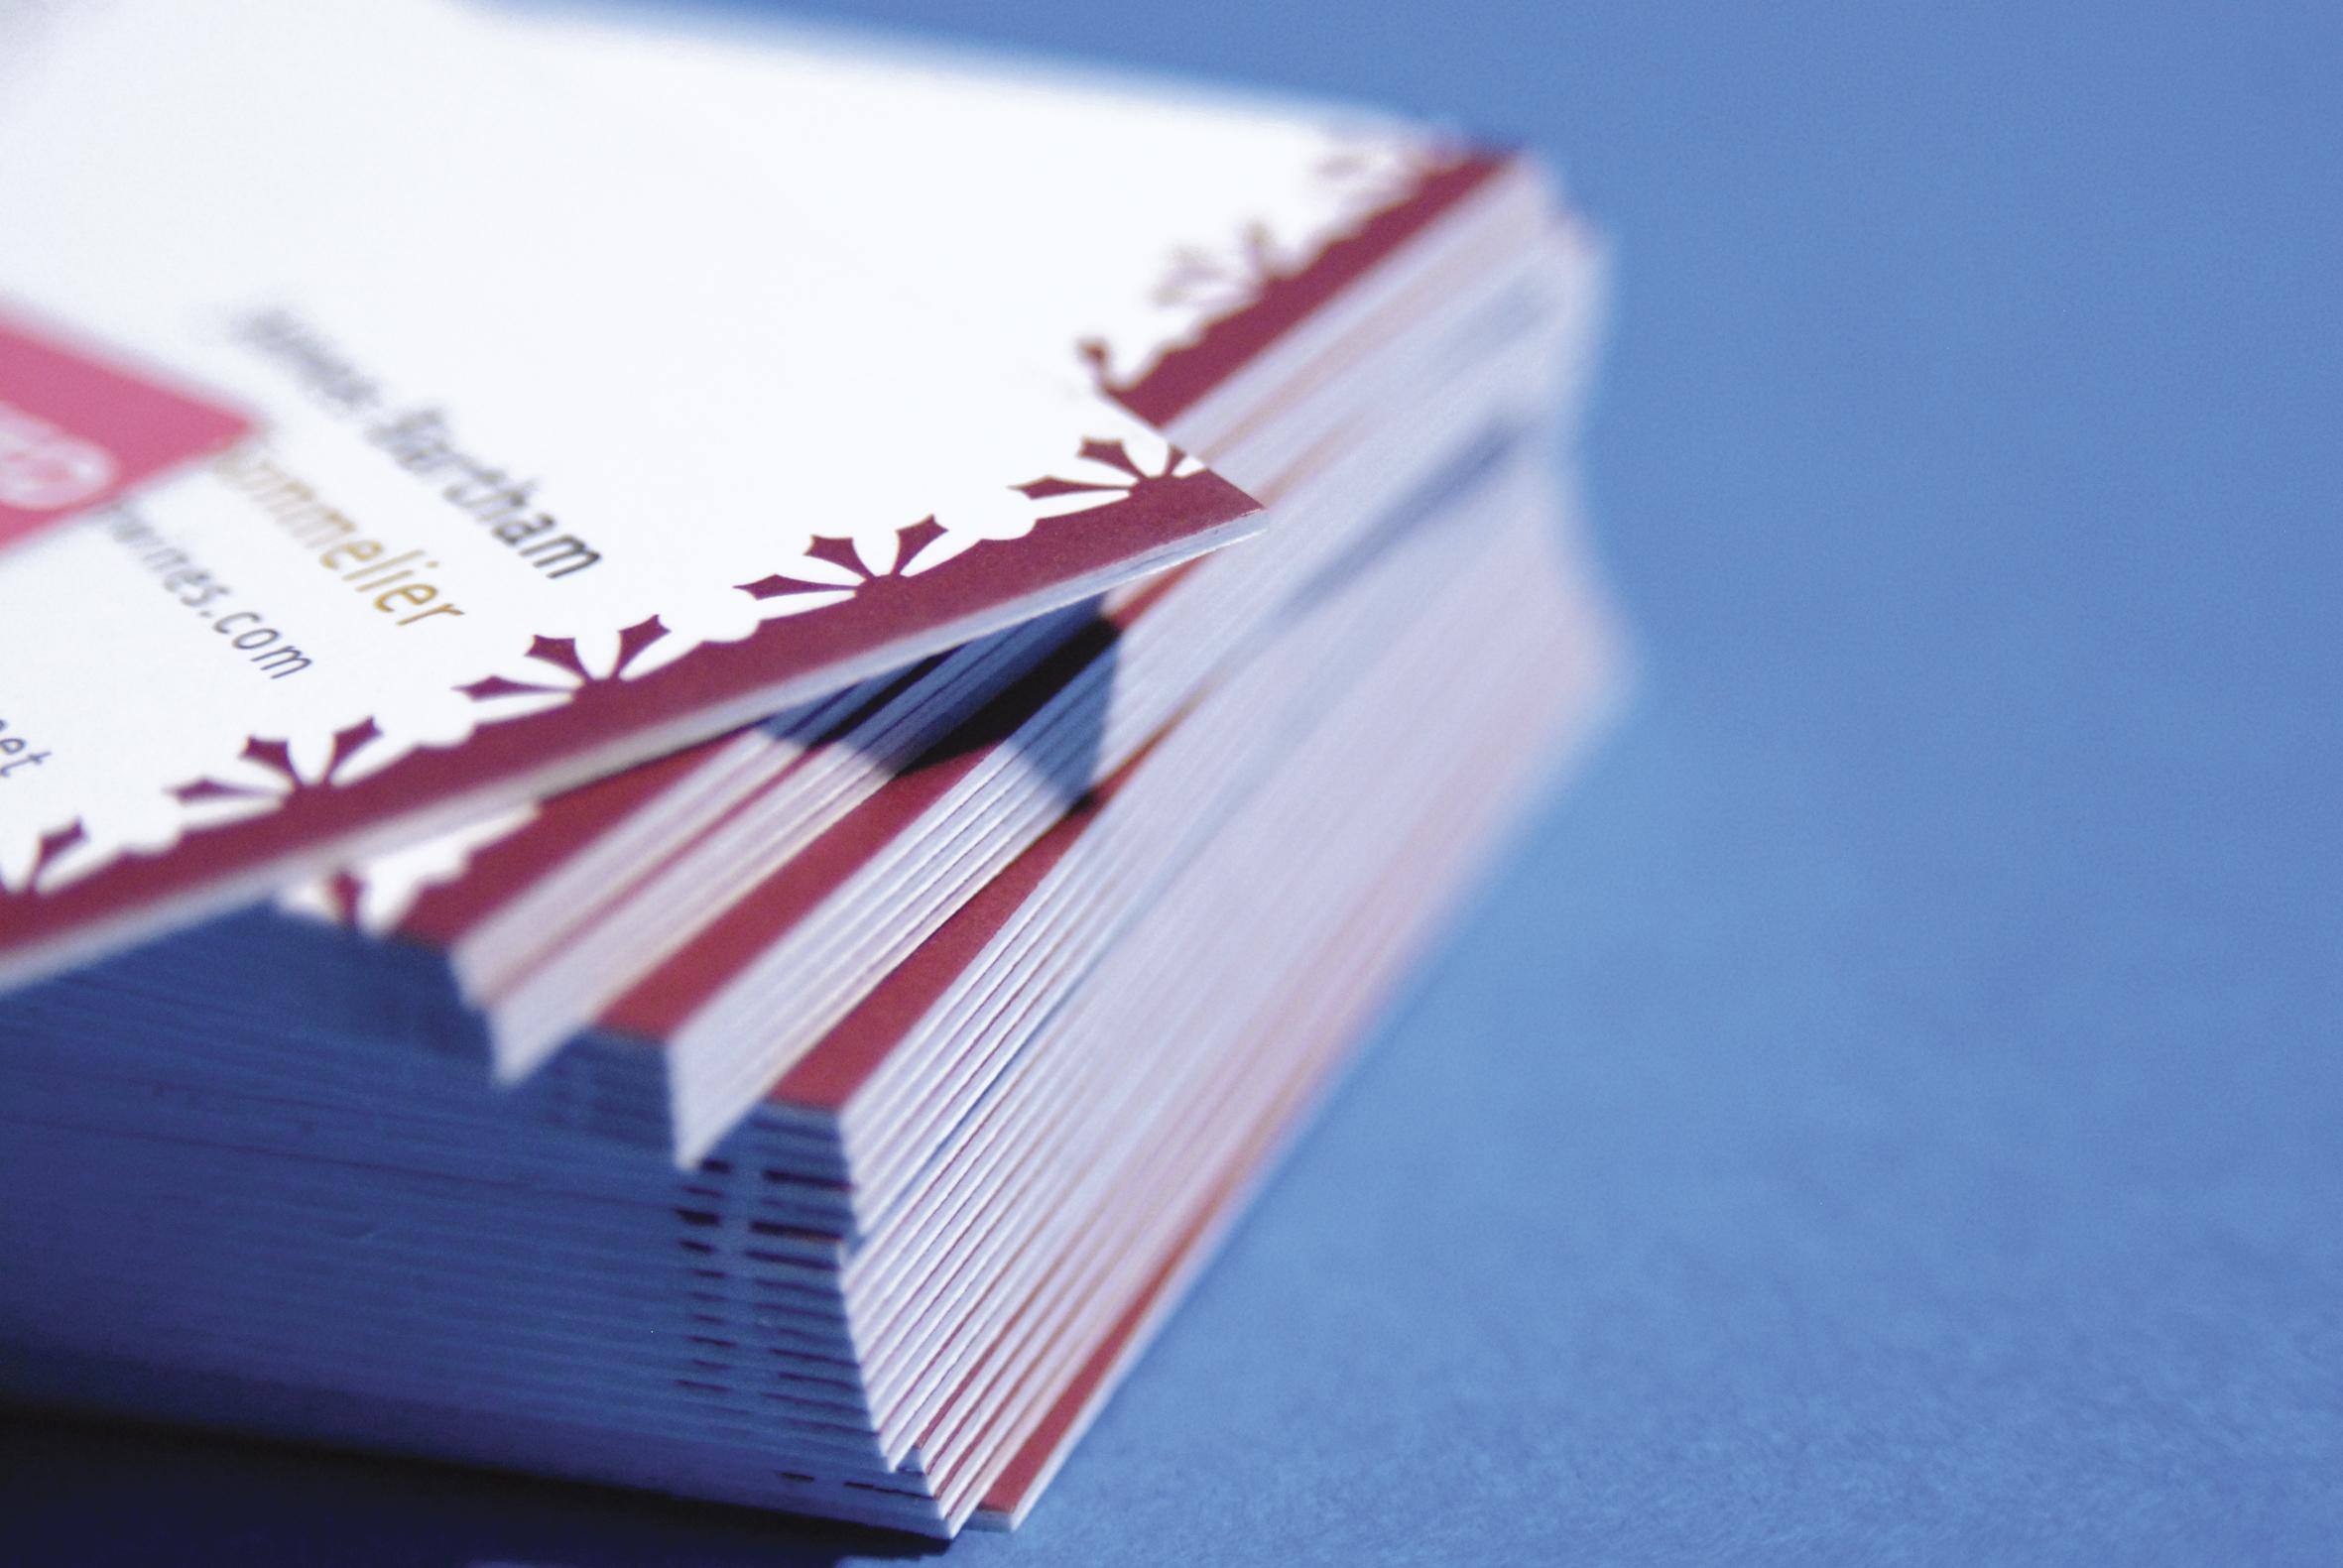 600gsm business cards   printing.com blog